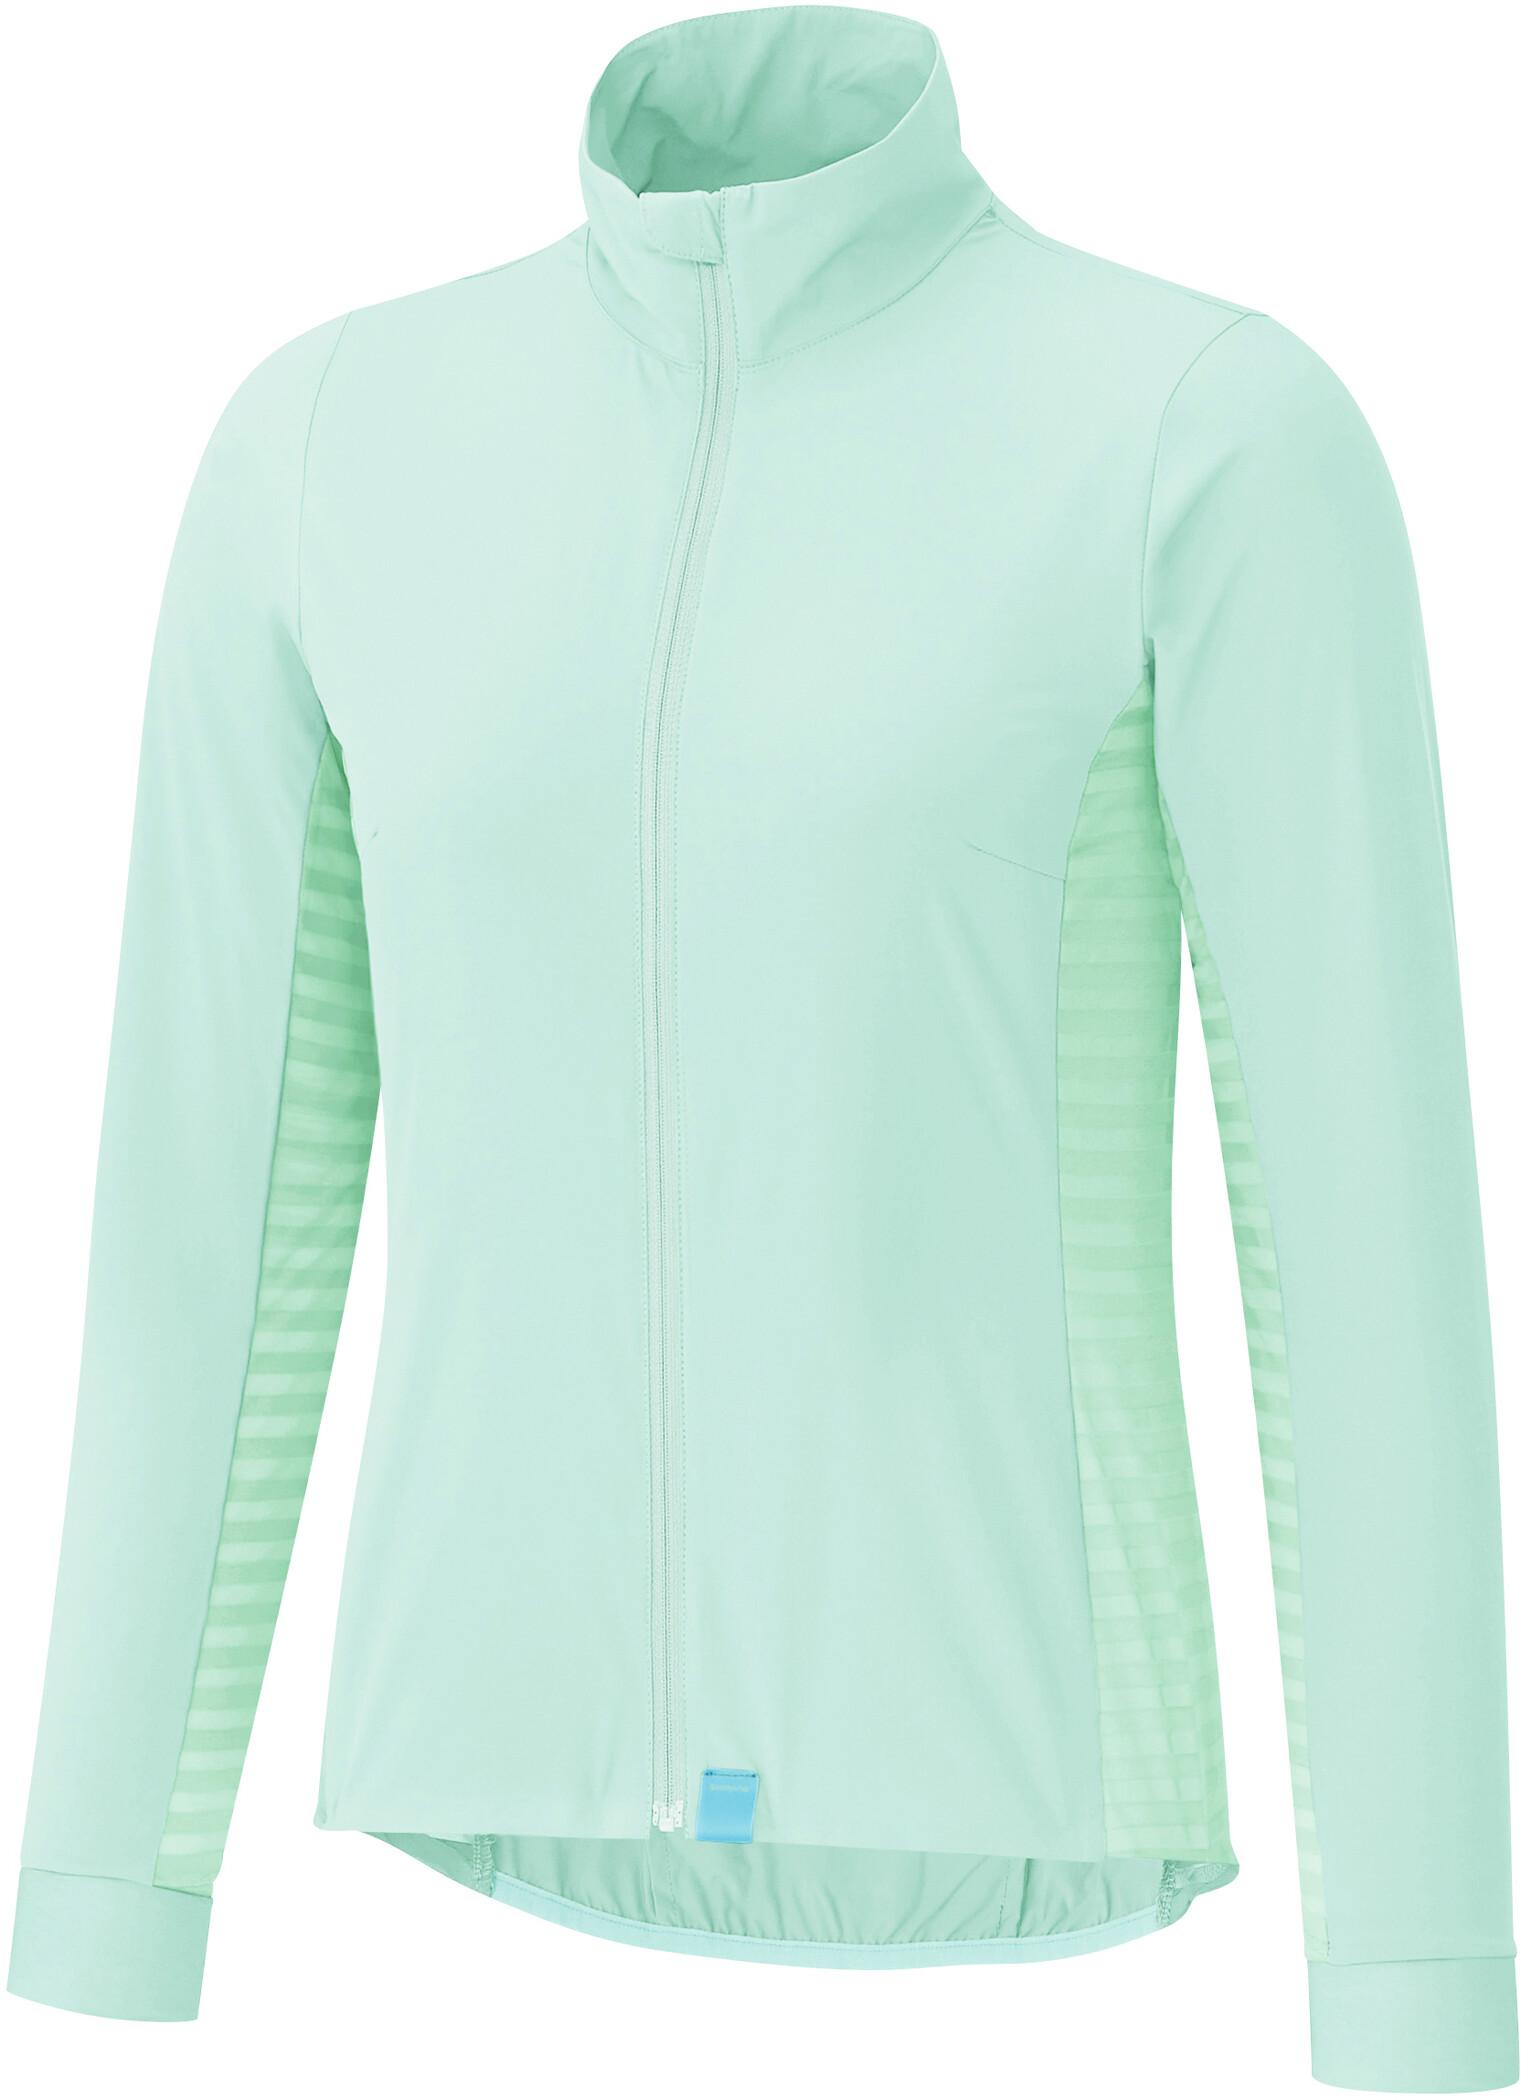 minte Sonstige Jacken für Damen online kaufen | Damenmode